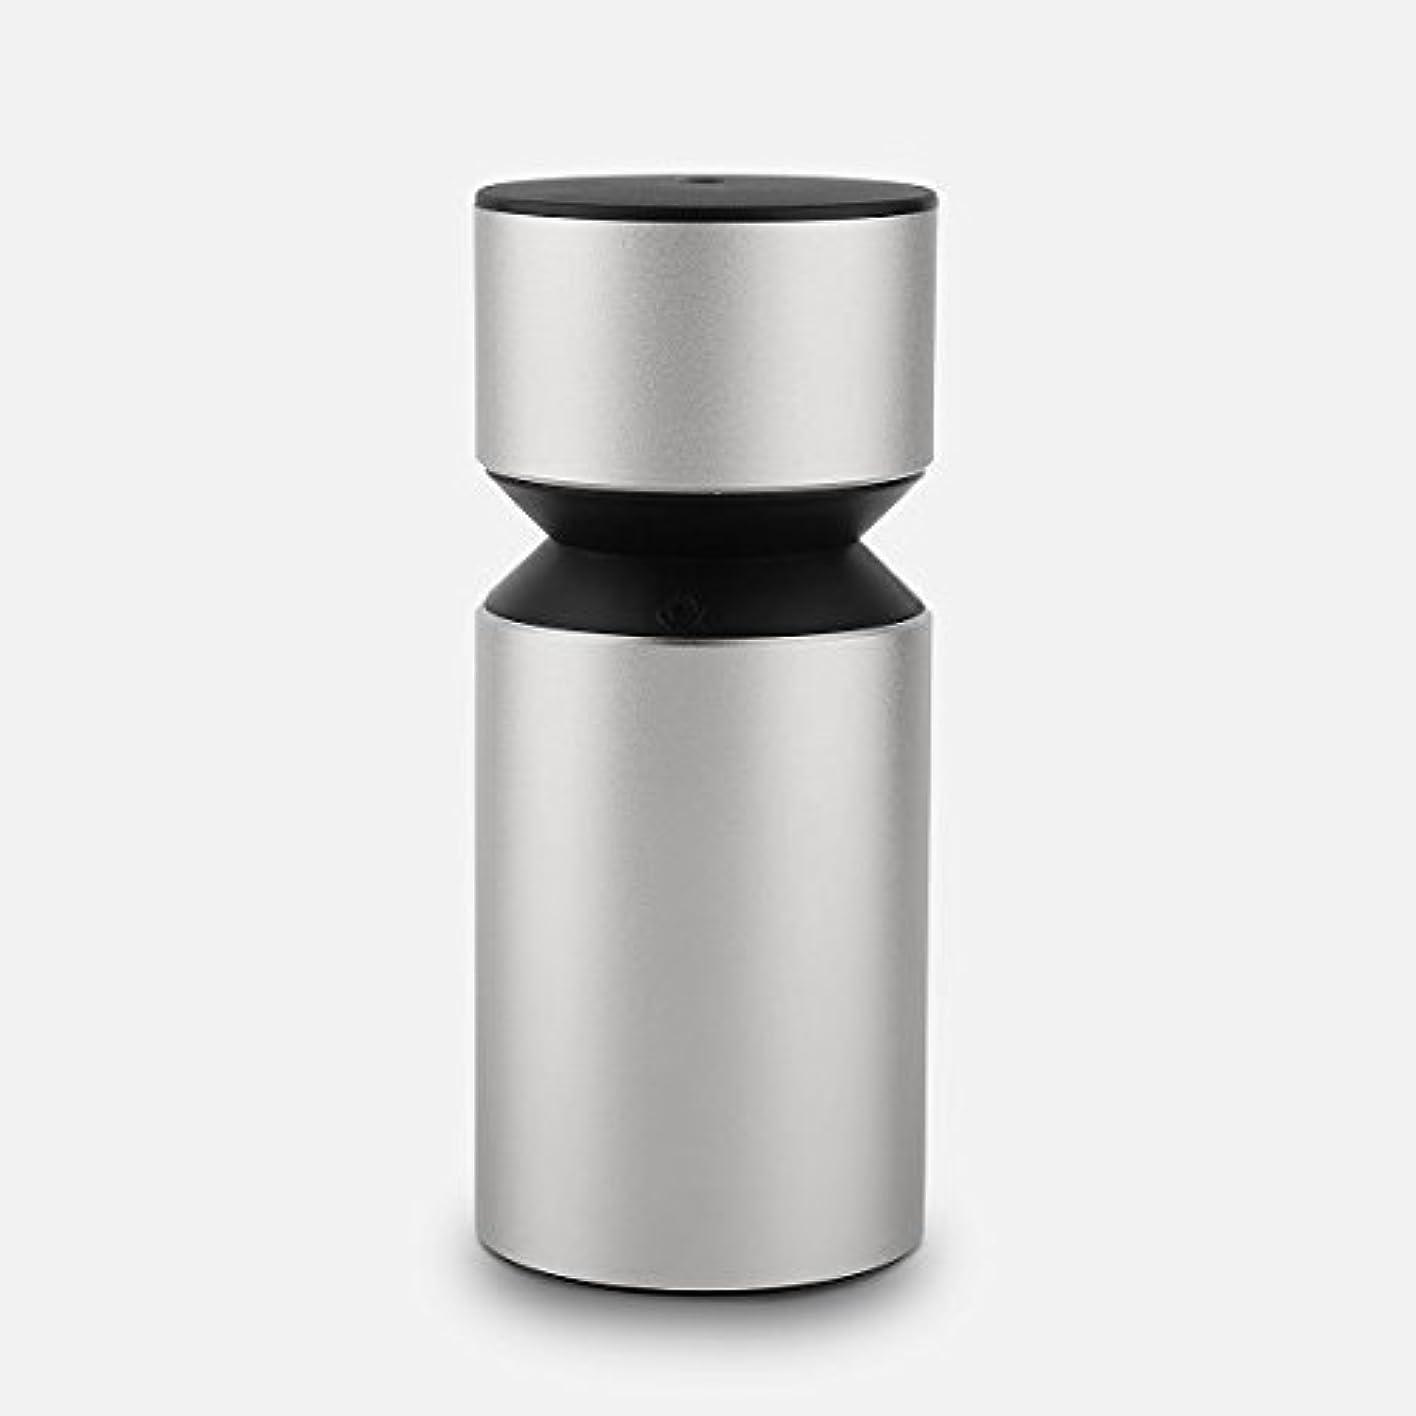 場合バスト独立してBbymieポータブルアロマテラピー純粋なエッセンシャルオイルディフューザーは車/旅行/オフィス/リビングルーム - 空気フレッシュ - ユニークなデザインは安全に使用する - Bpaフリー